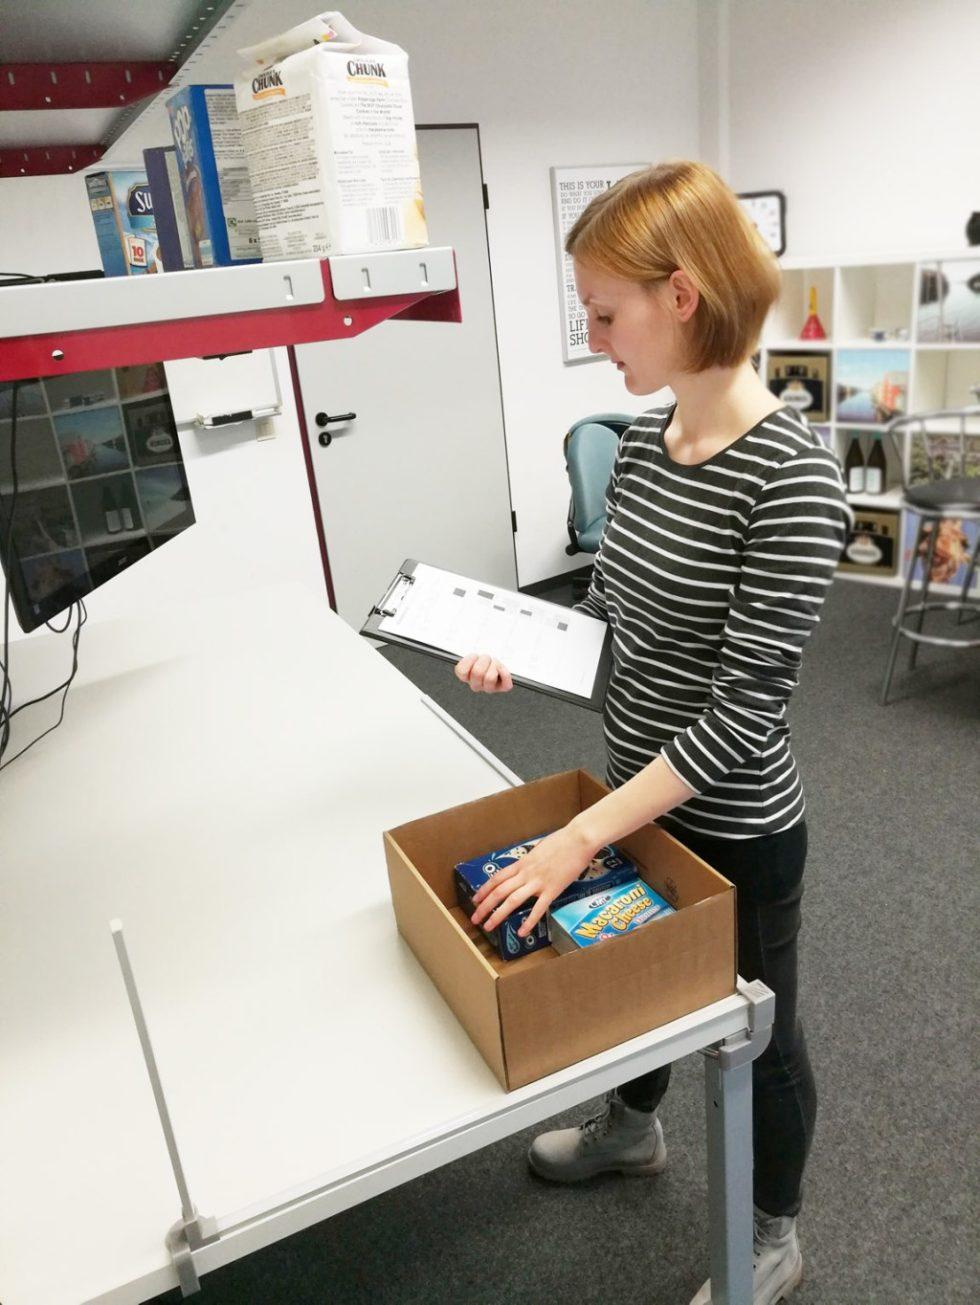 """Probandin mit Papierliste (links) am Verpackungsarbeitsplatz der Studie """"Kognitive Ergonomie"""", Probandin mit AR-Brille (Mitte) sowie Probandin mit digitalem Assistenten """"PackAssist"""" (rechts) Bild: Fraunhofer IML"""